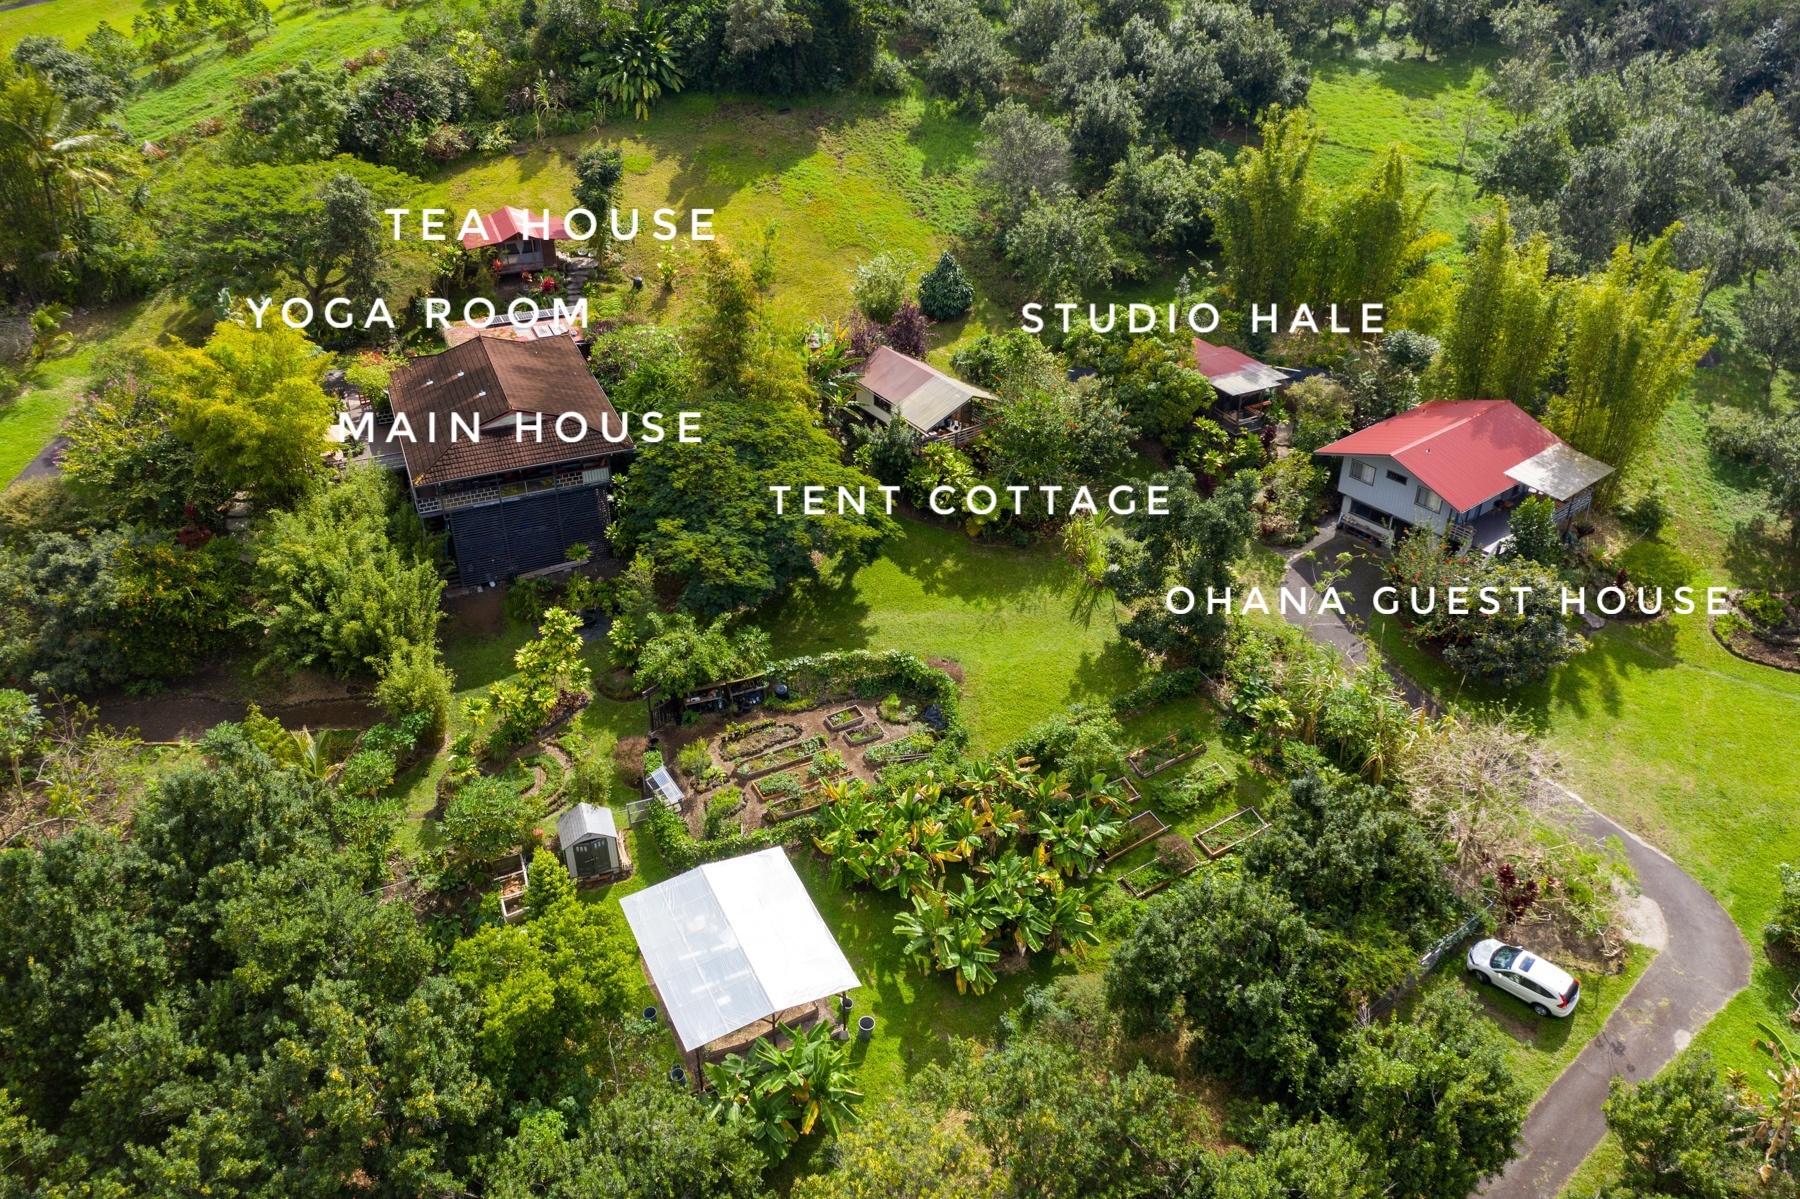 Overview of the Honaunau Wellness farm